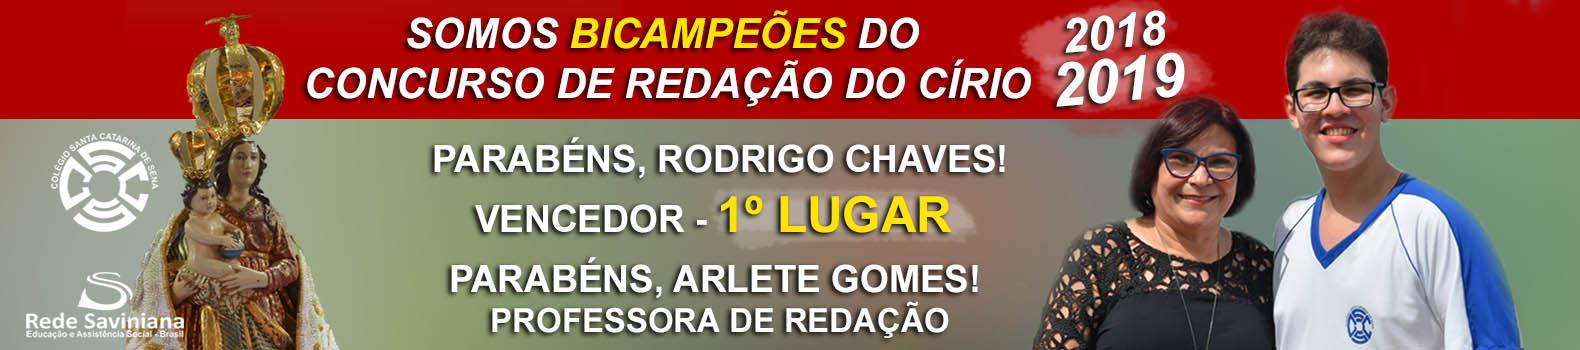 banner-REDACAO-CIRIO-2019